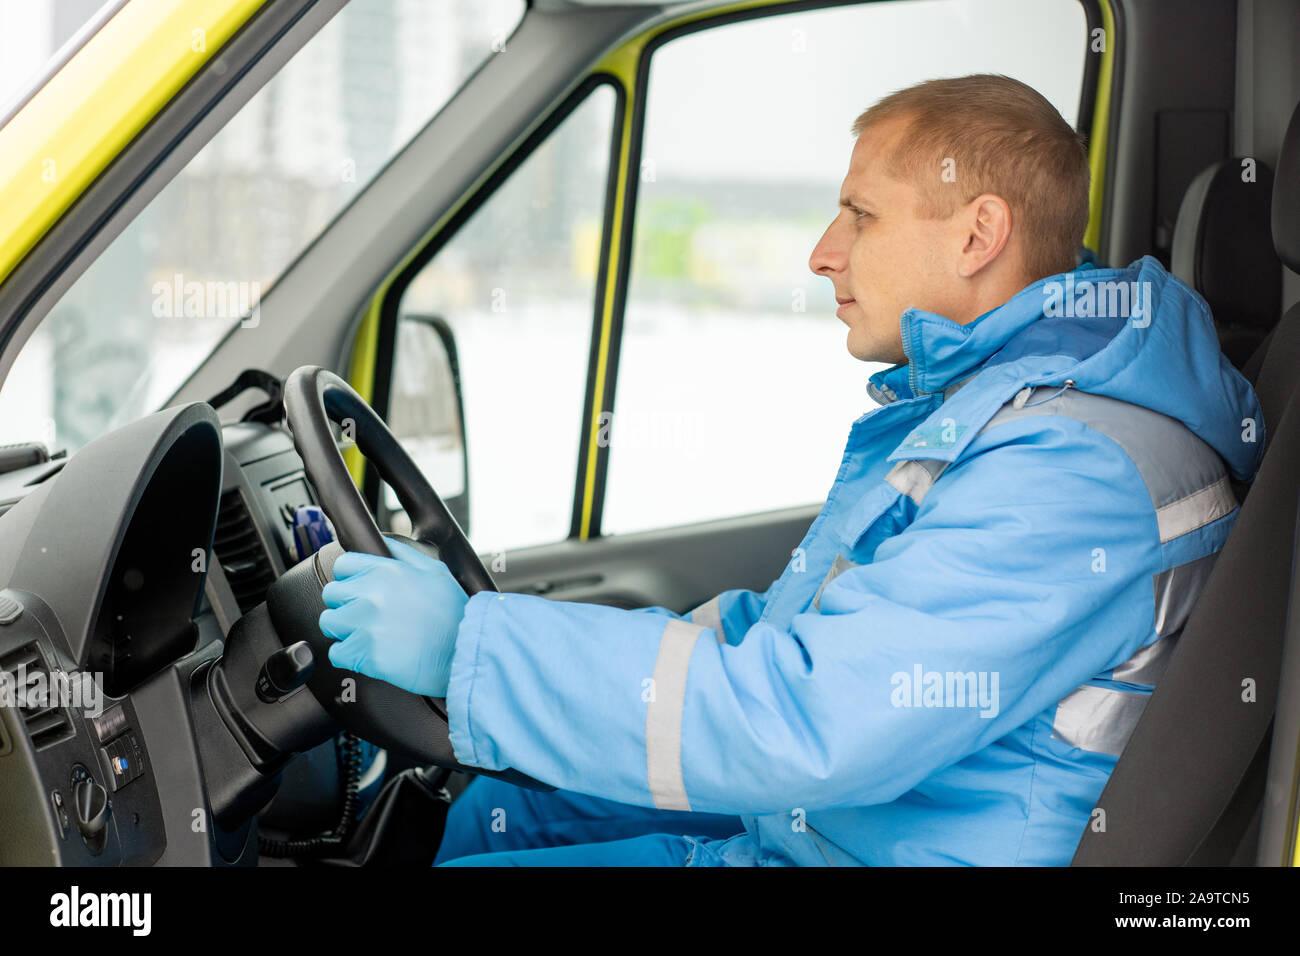 Conducteur de voiture ambulance grave assis par steer en attendant les ambulanciers Banque D'Images